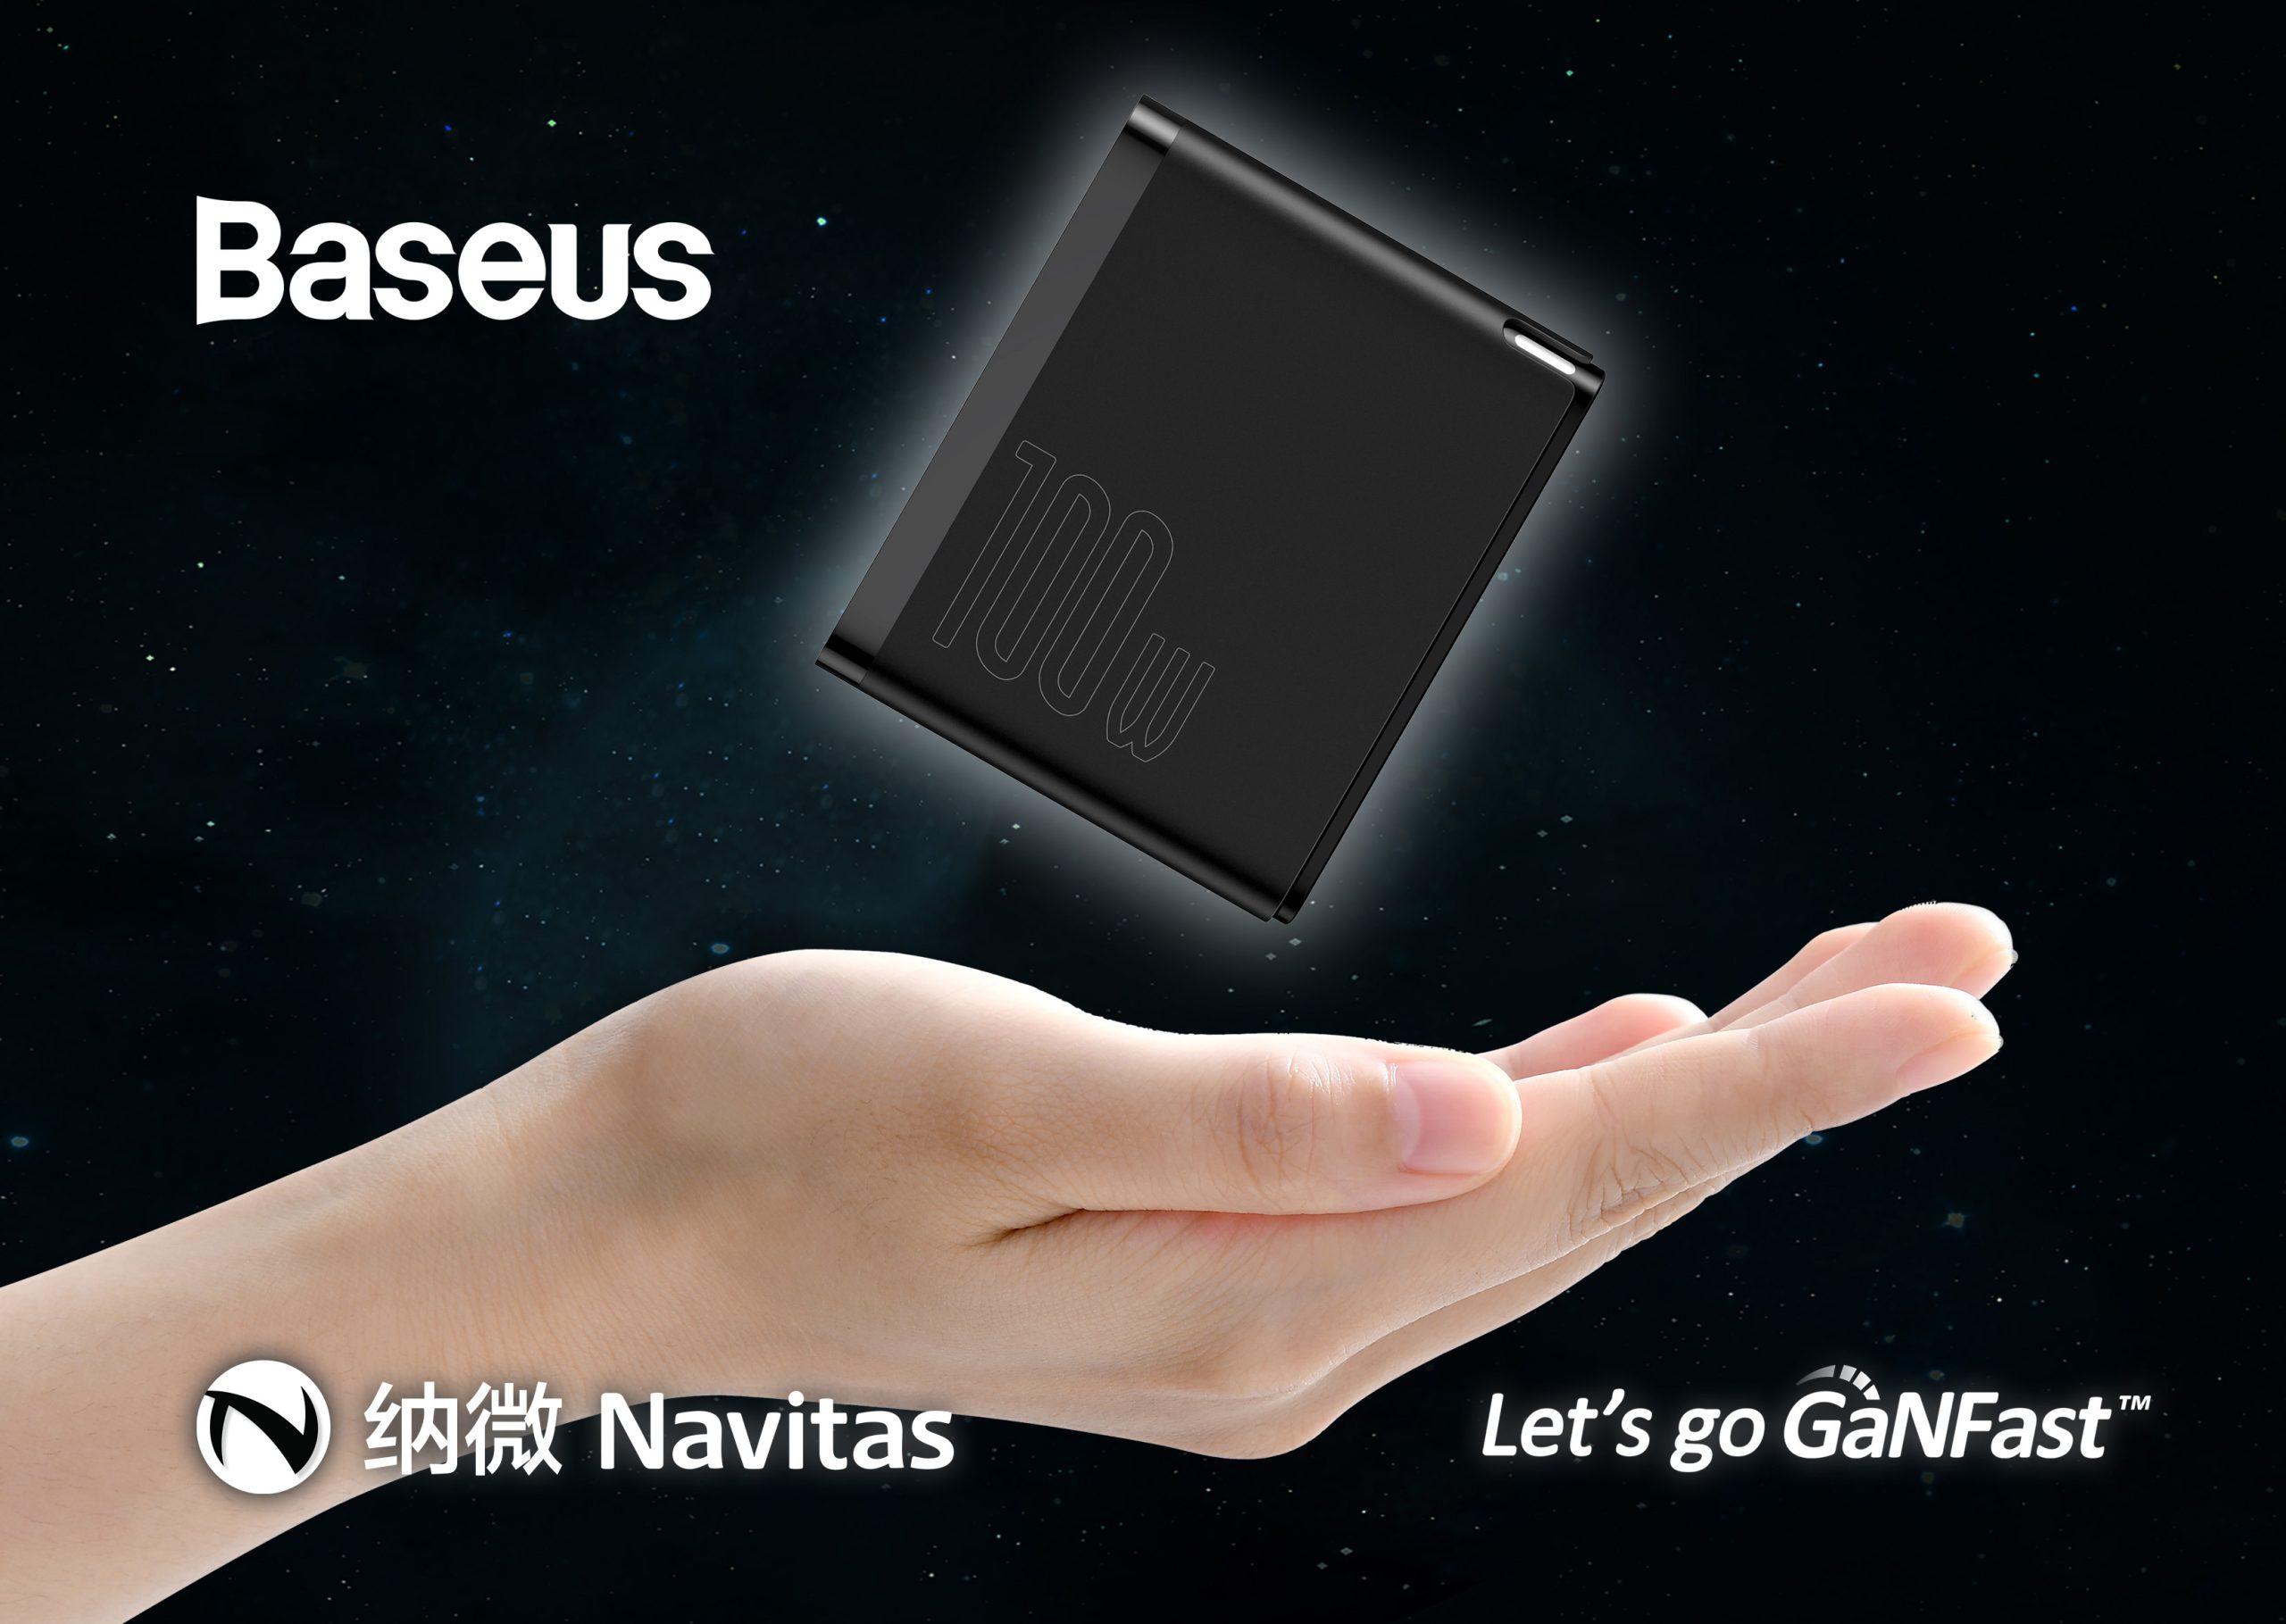 纳微半导体助力倍思全球首发QC5氮化镓充电器,手机快充再升级